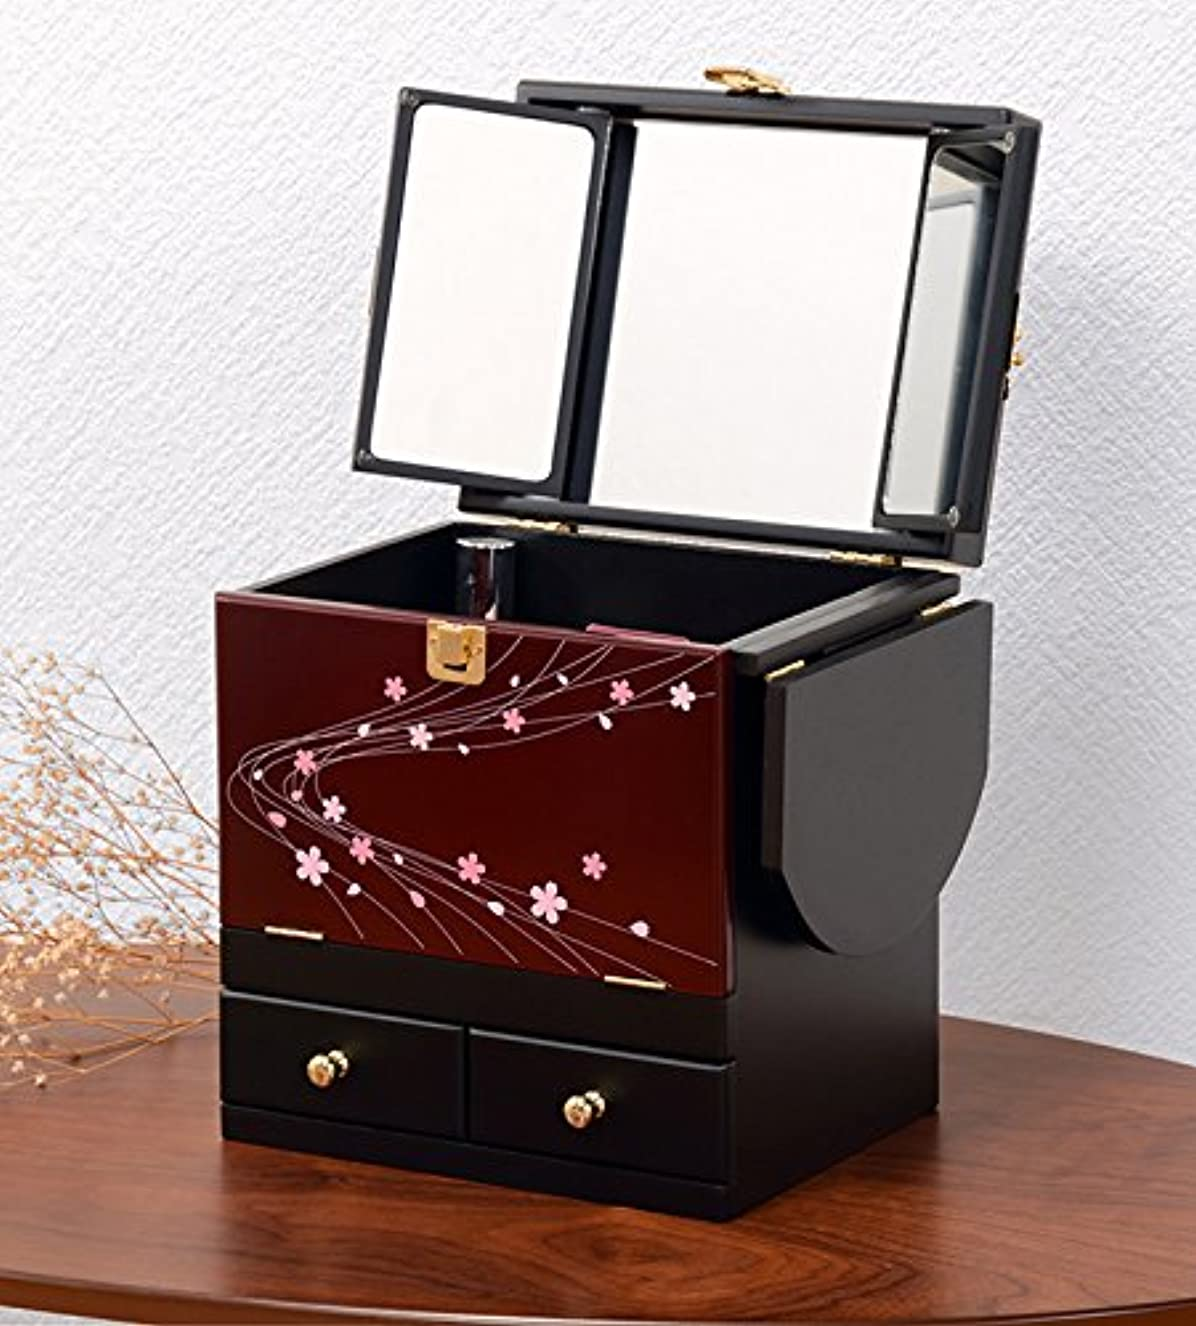 電話する反毒ペリスコープコスメボックス 化粧ボックス ジュエリーボックス コスメ収納 収納ボックス 化粧台 3面鏡 和風 完成品 折りたたみ式 軽量 えんじ